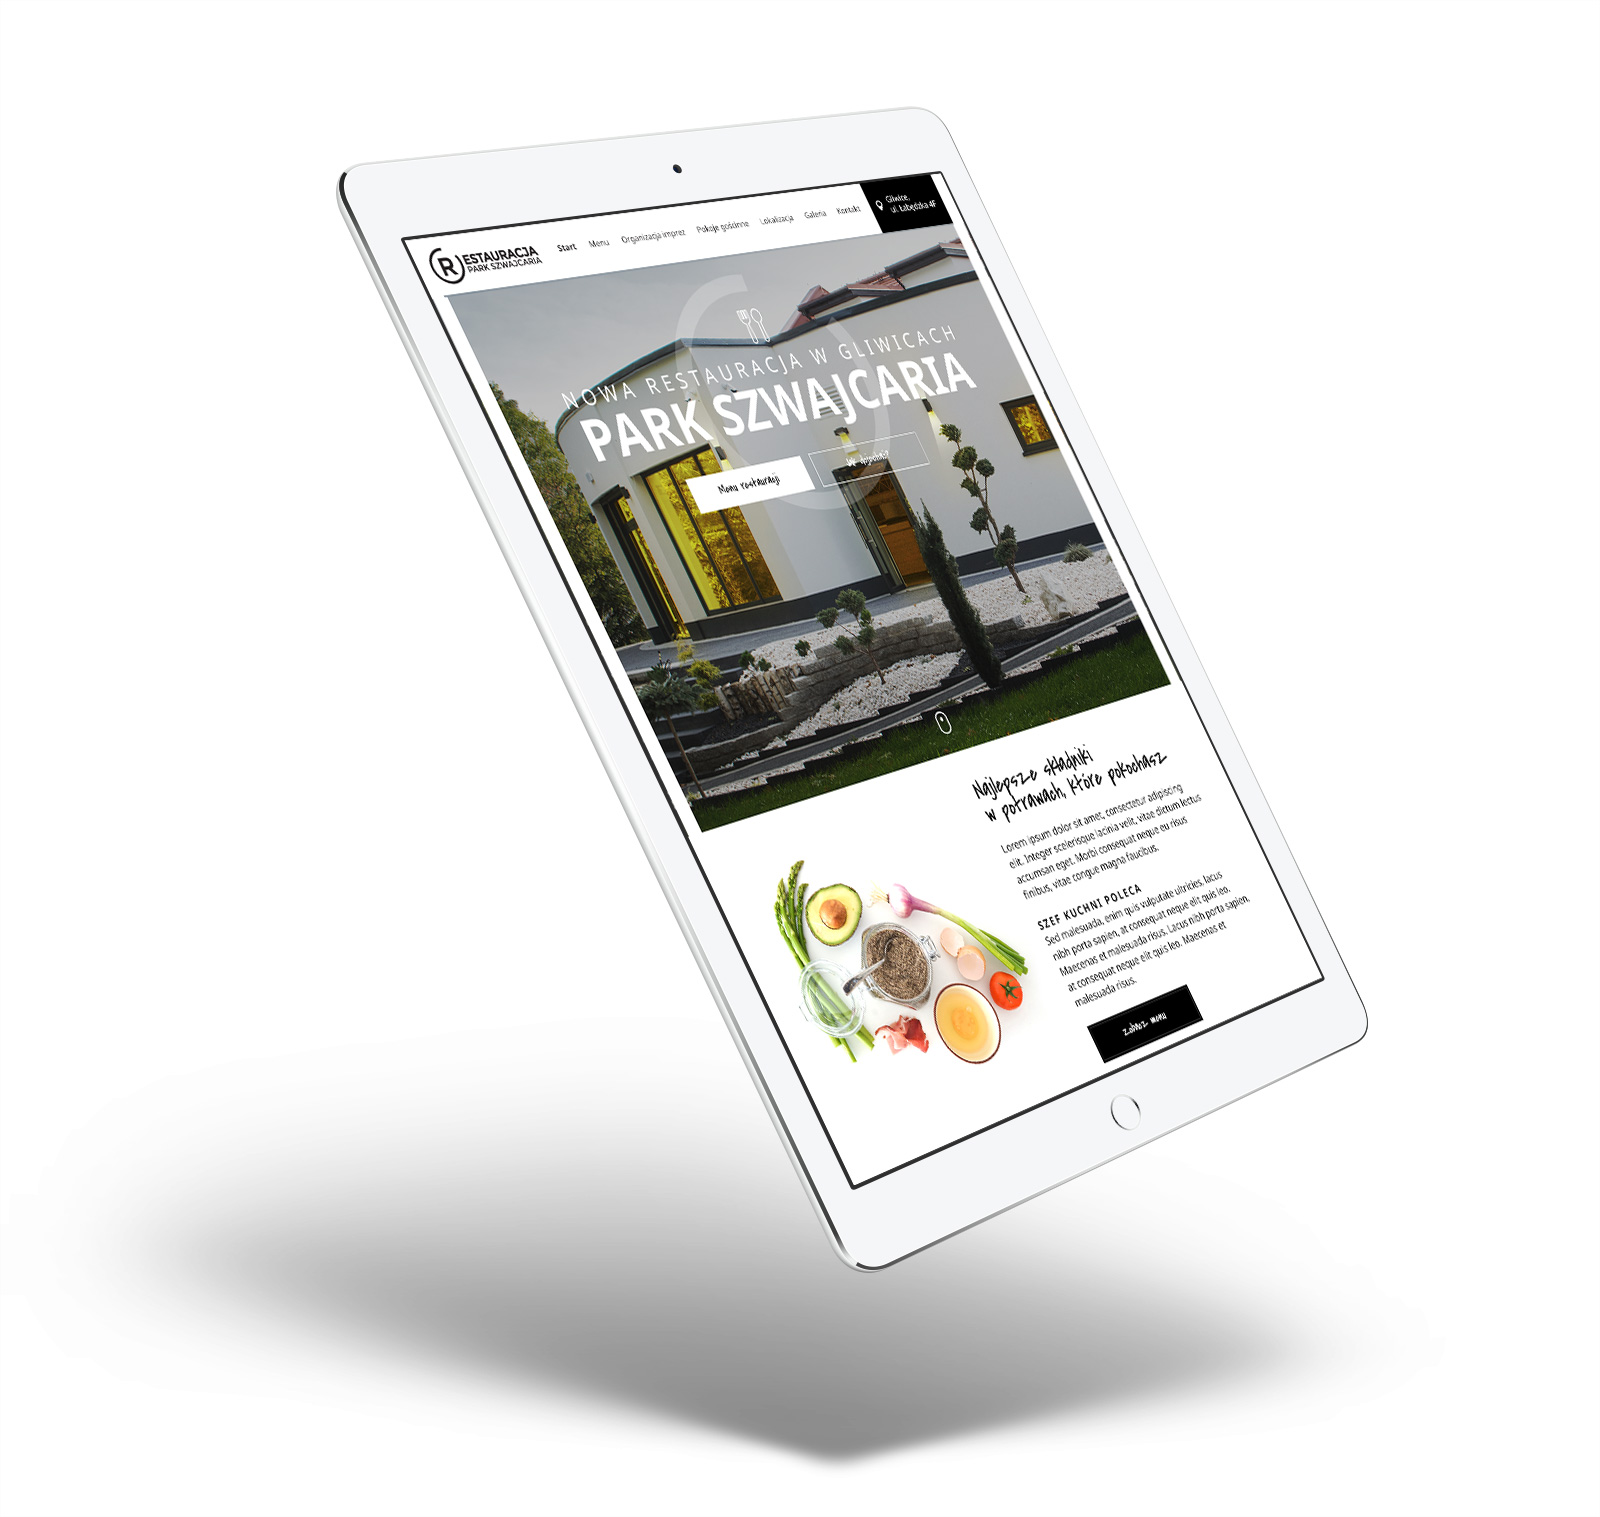 Restauracja Park Szwajcaria - Gliwice - strona internetowa w responsywnej wersji na tablecie